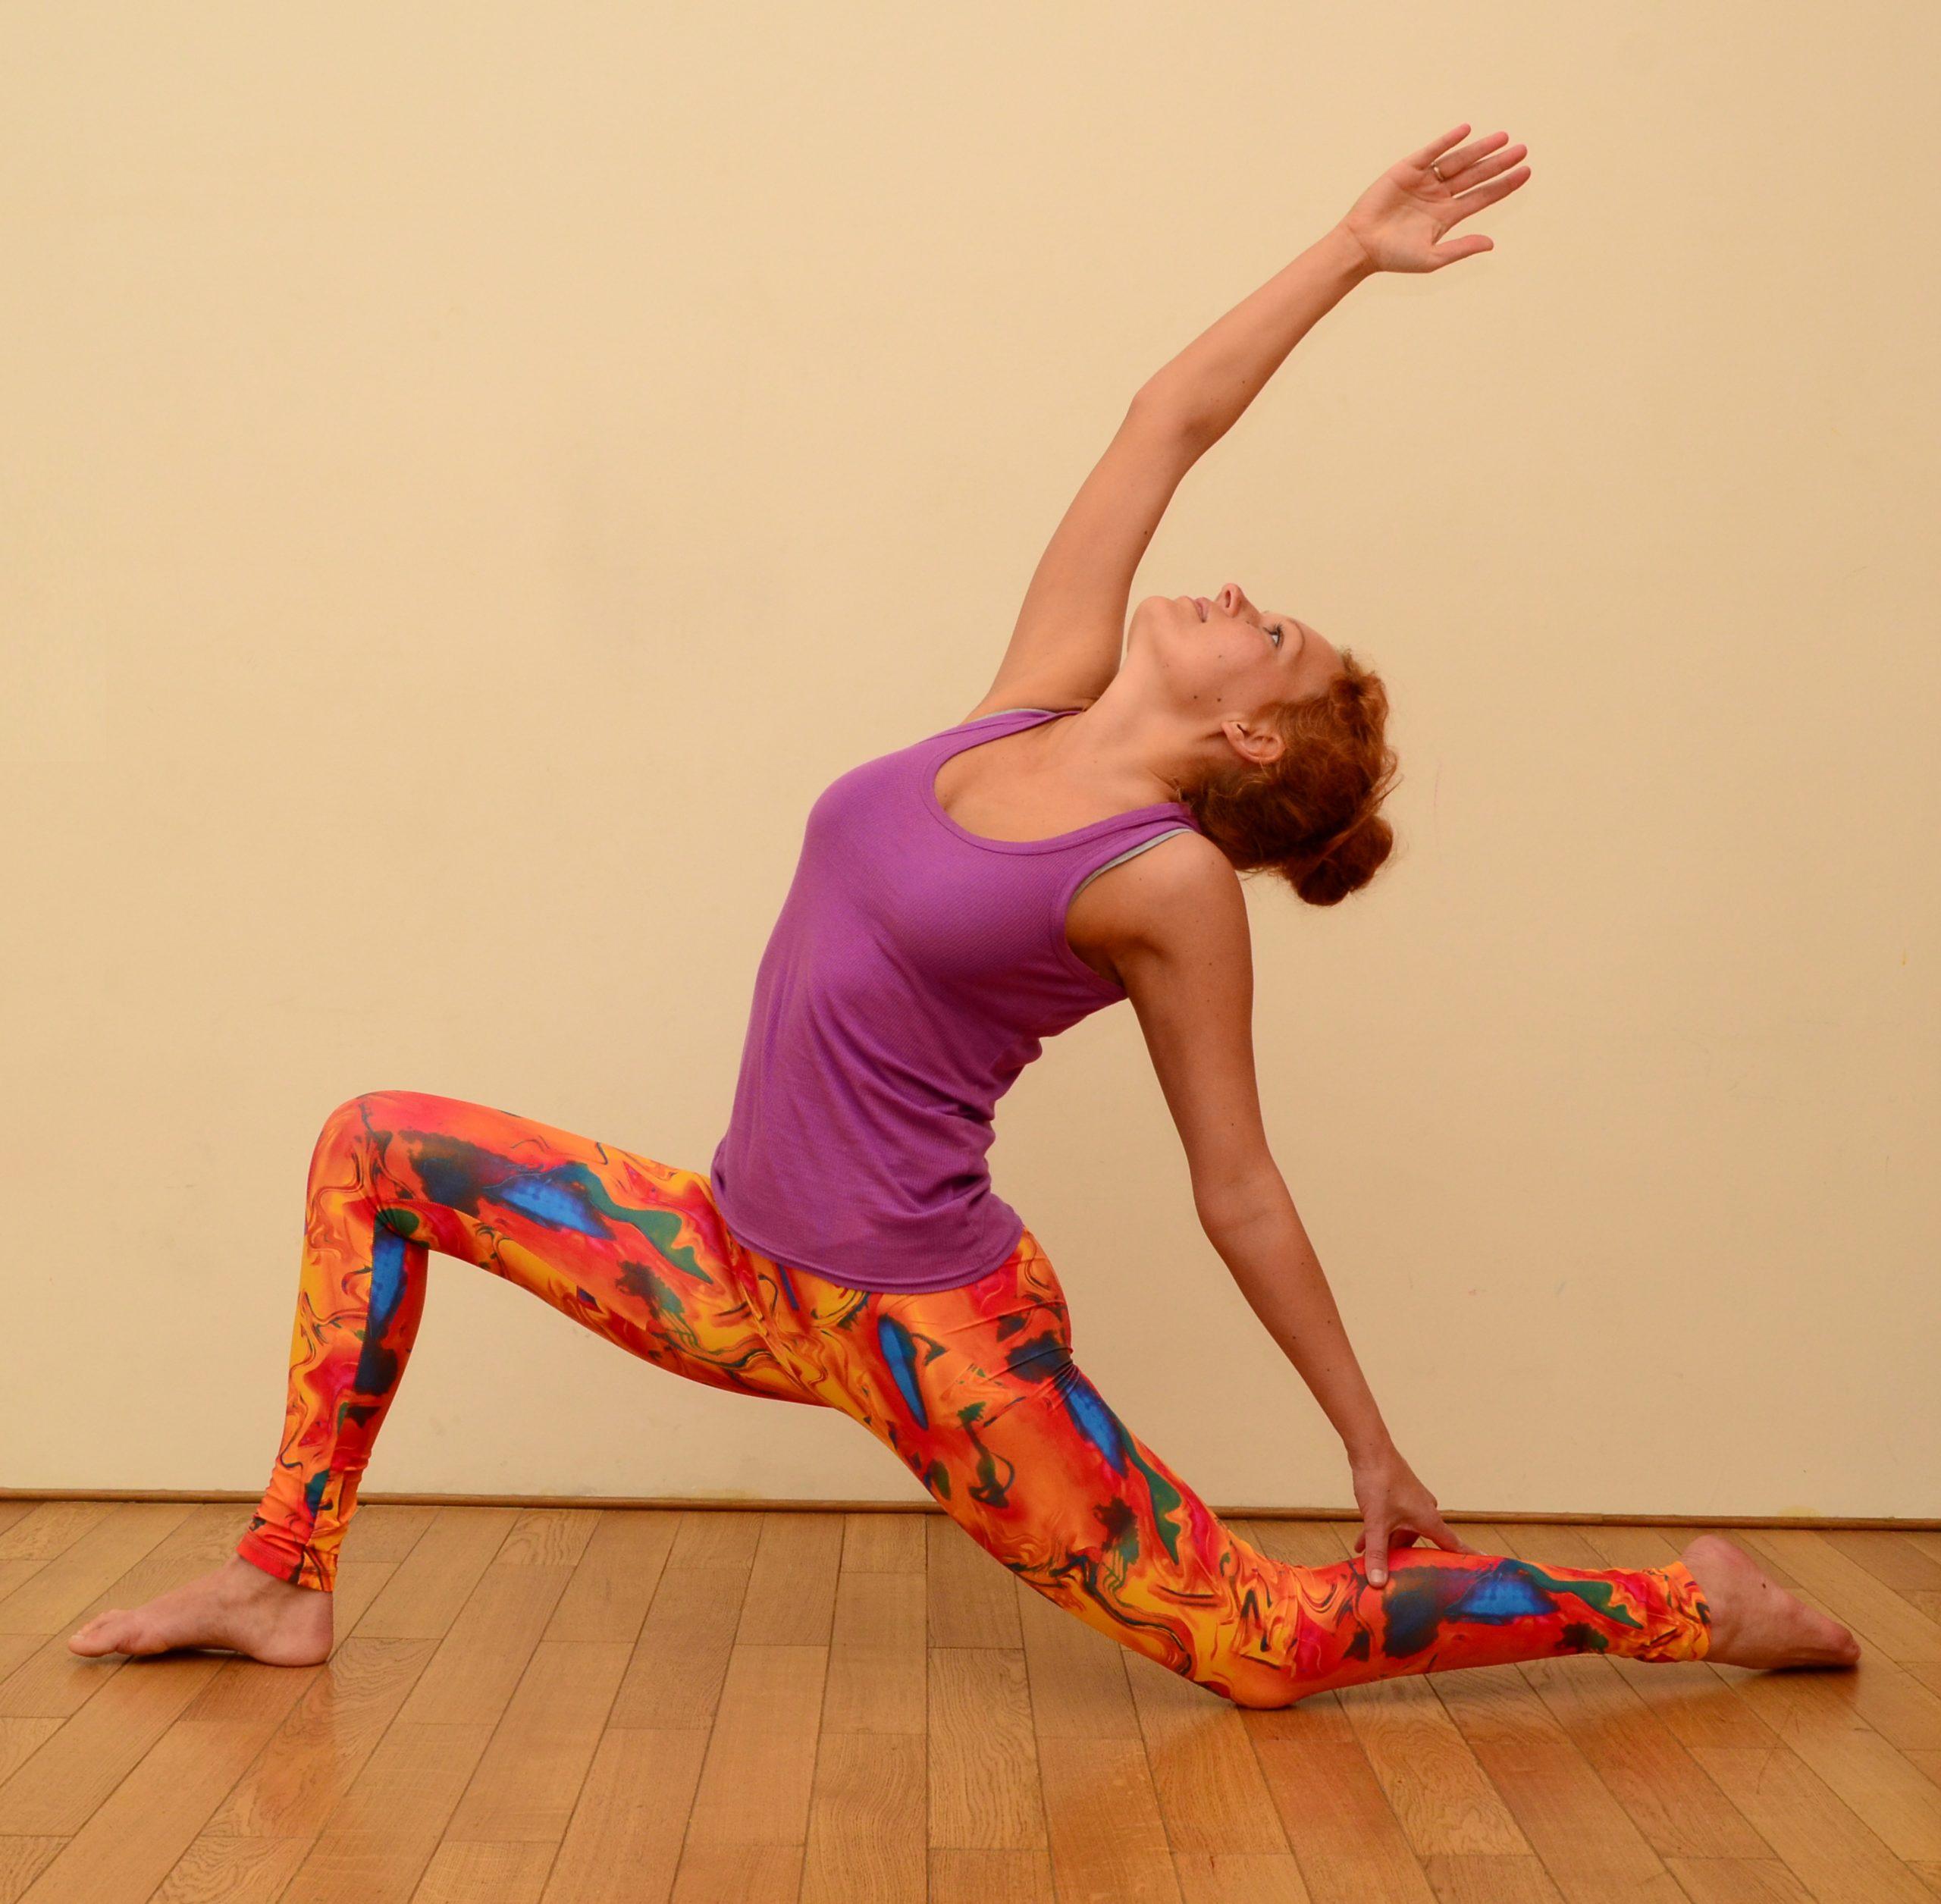 yoga,leggings,outfit,sport,buy,order,леггинсы, йога, одежда, спортивная, заказать, купить